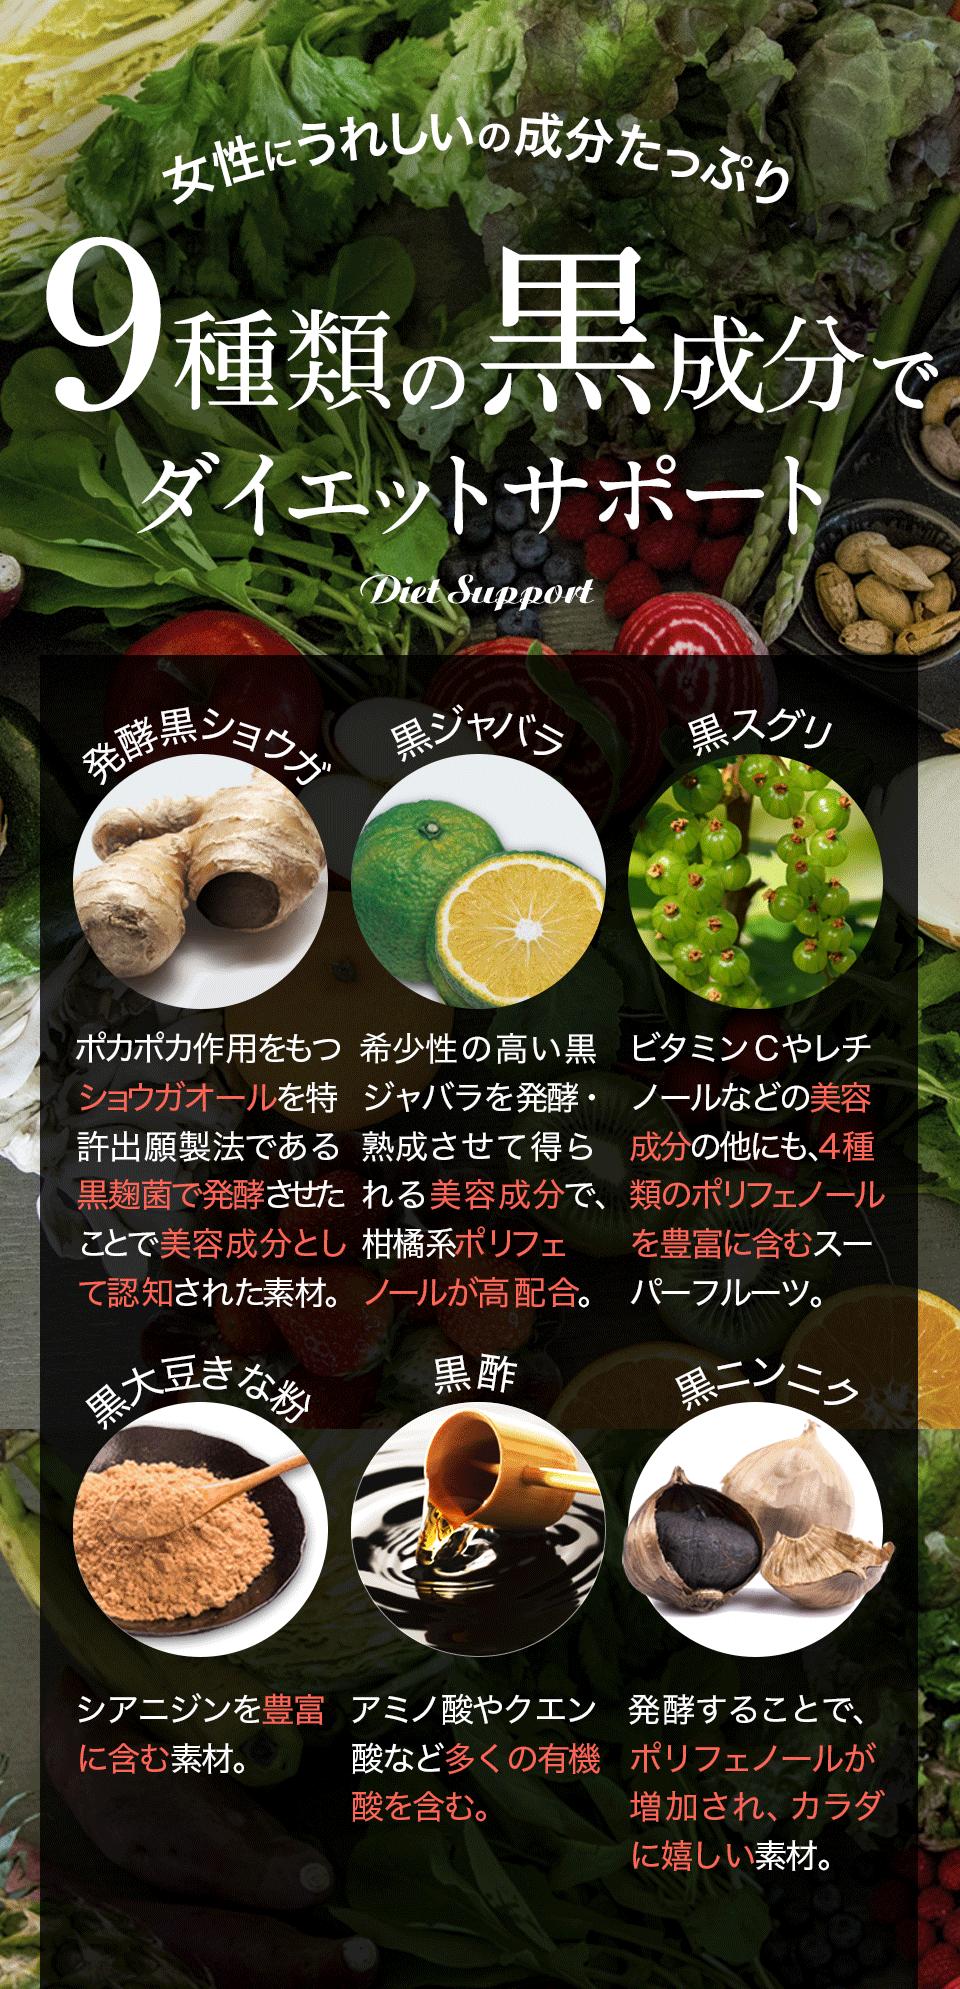 9種類の黒成分でダイエットサポート